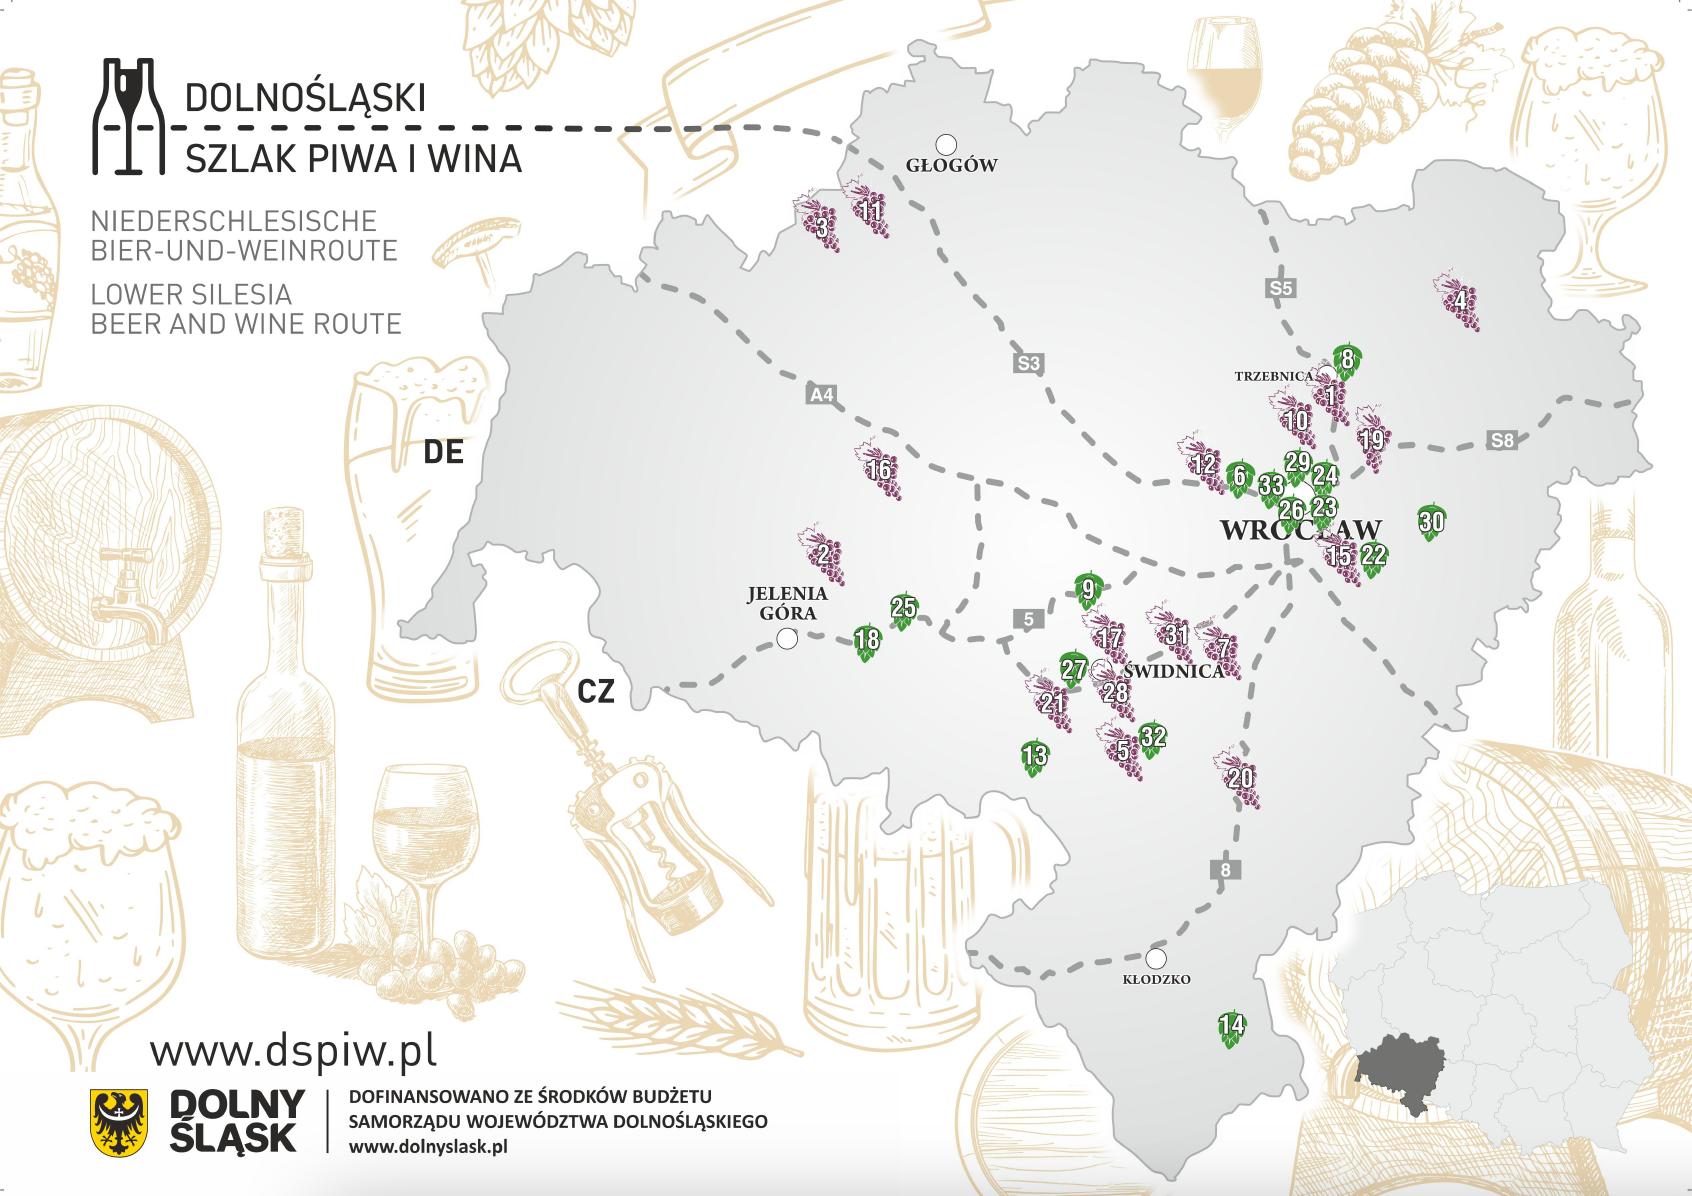 Dolnośląski Szlak Piwa i Wina mapa